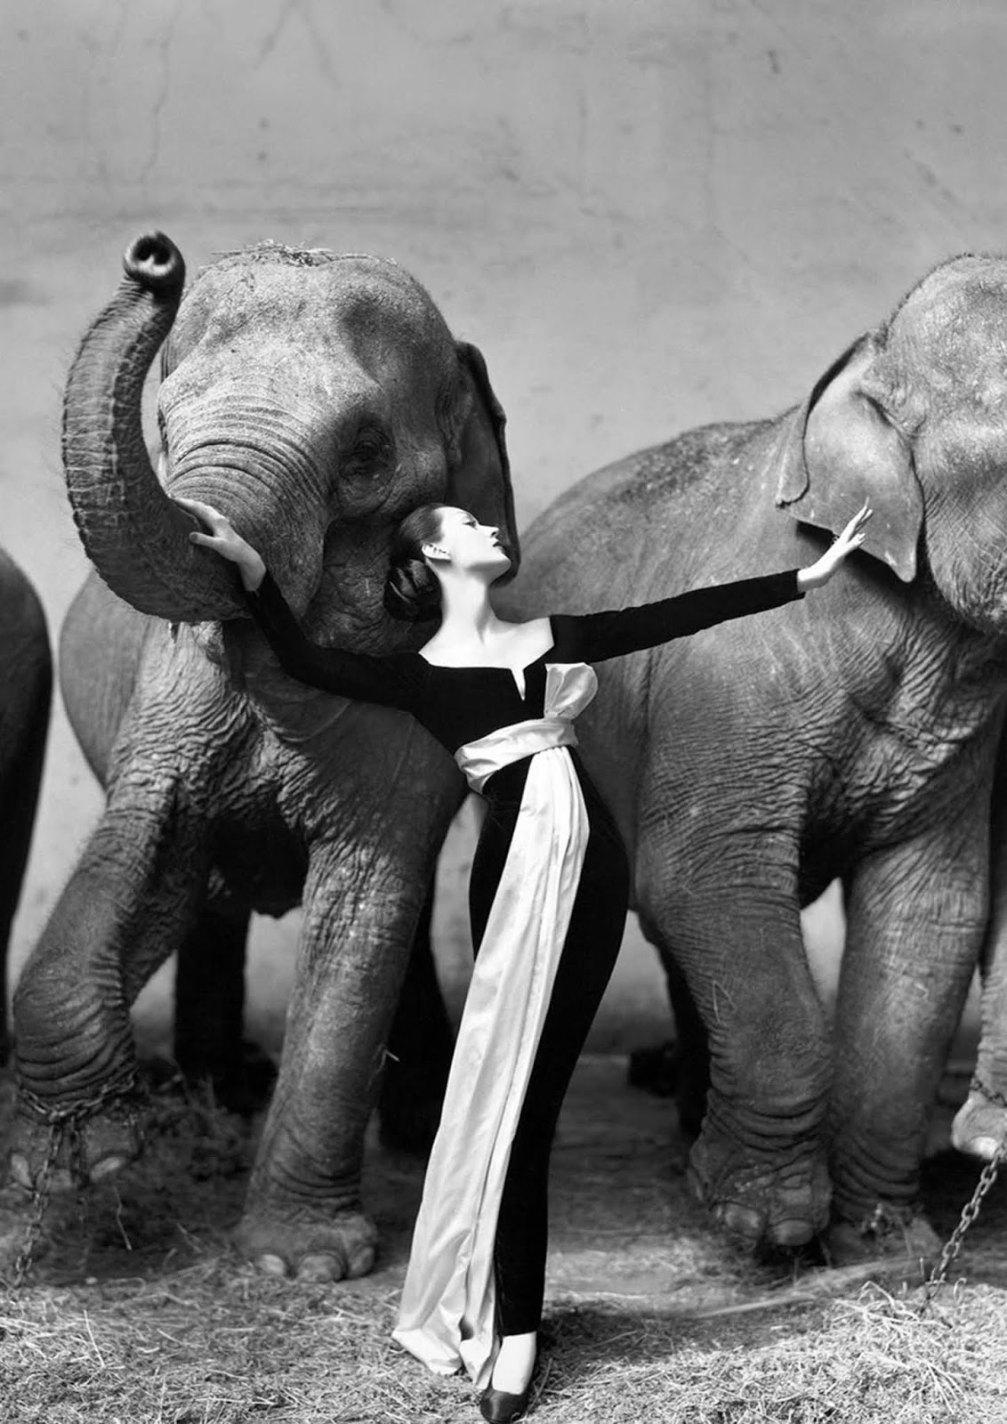 Dovima with elephants, Richard Avedon, 1955